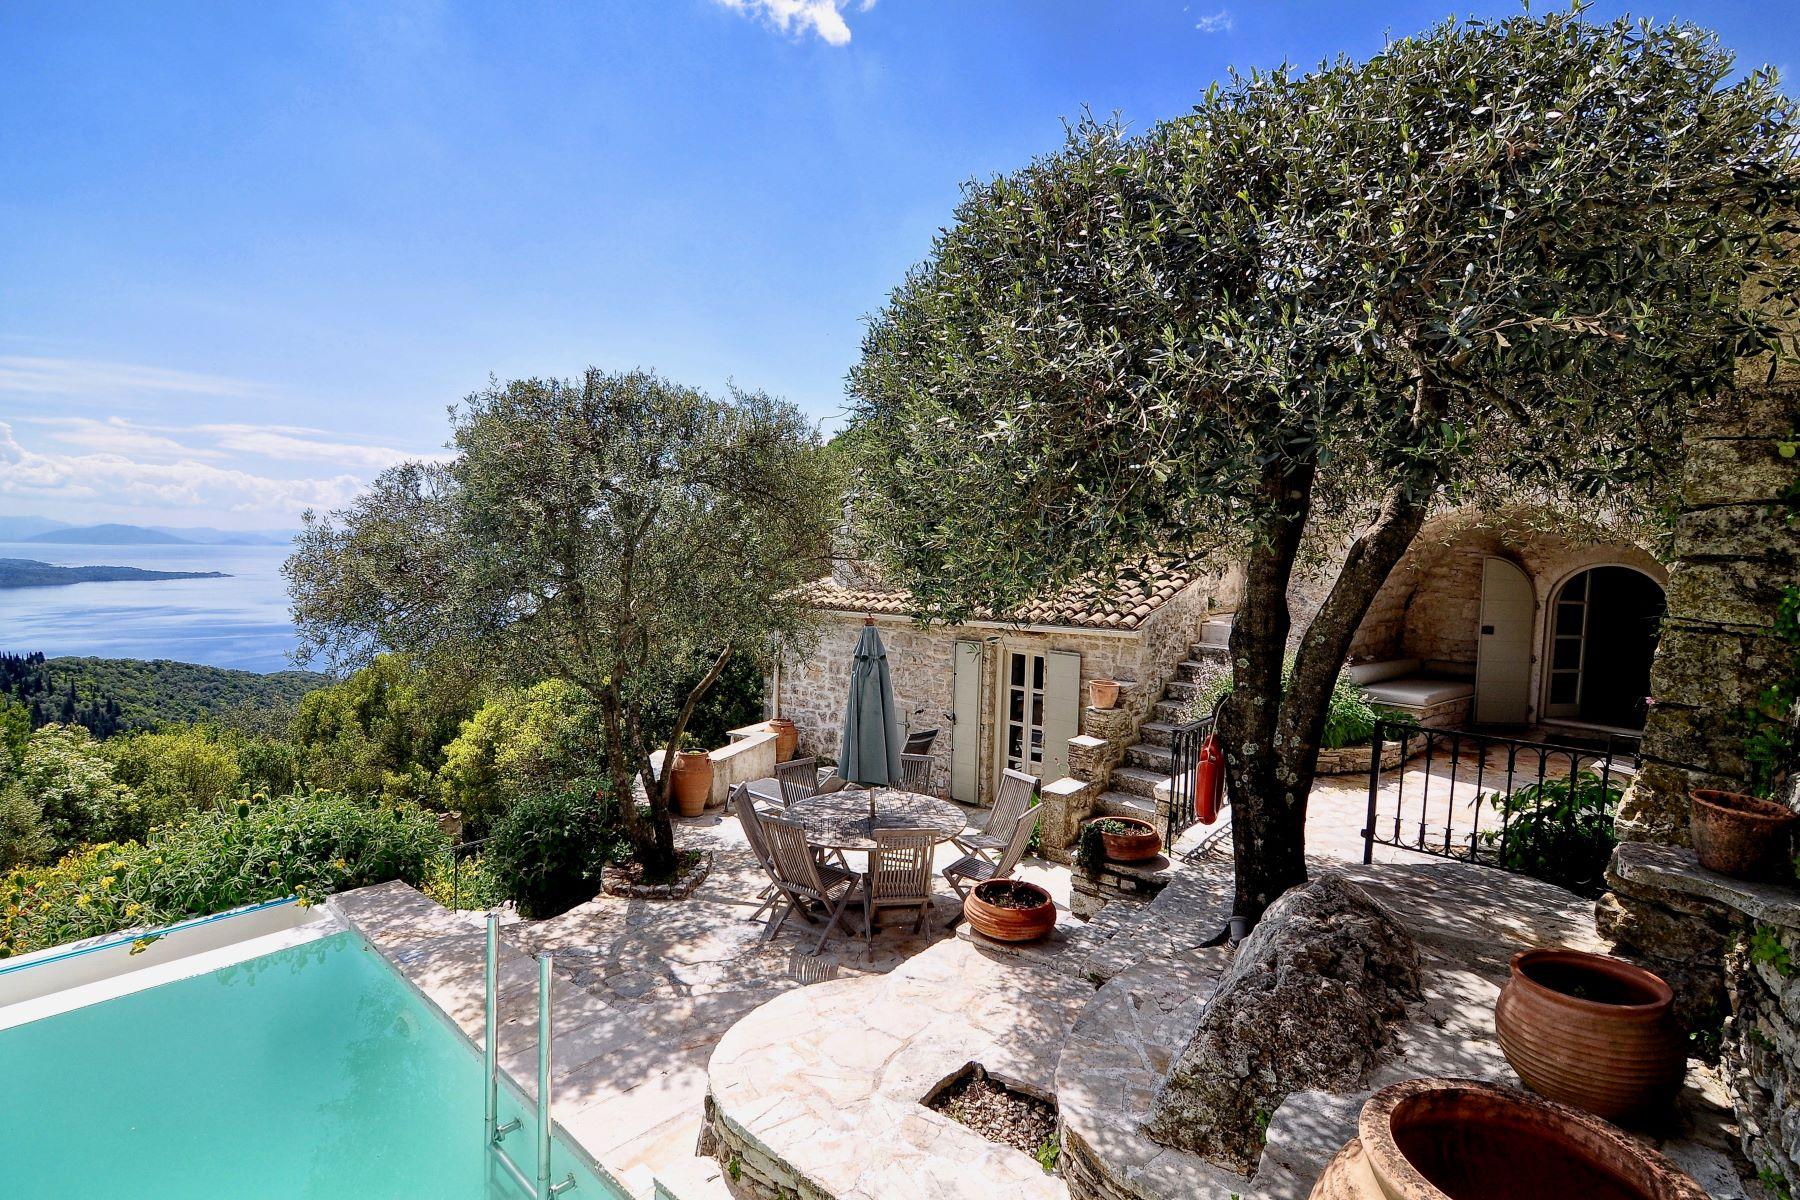 Casa Unifamiliar por un Venta en Anemelia Corfu, Islas Jónicas, Grecia